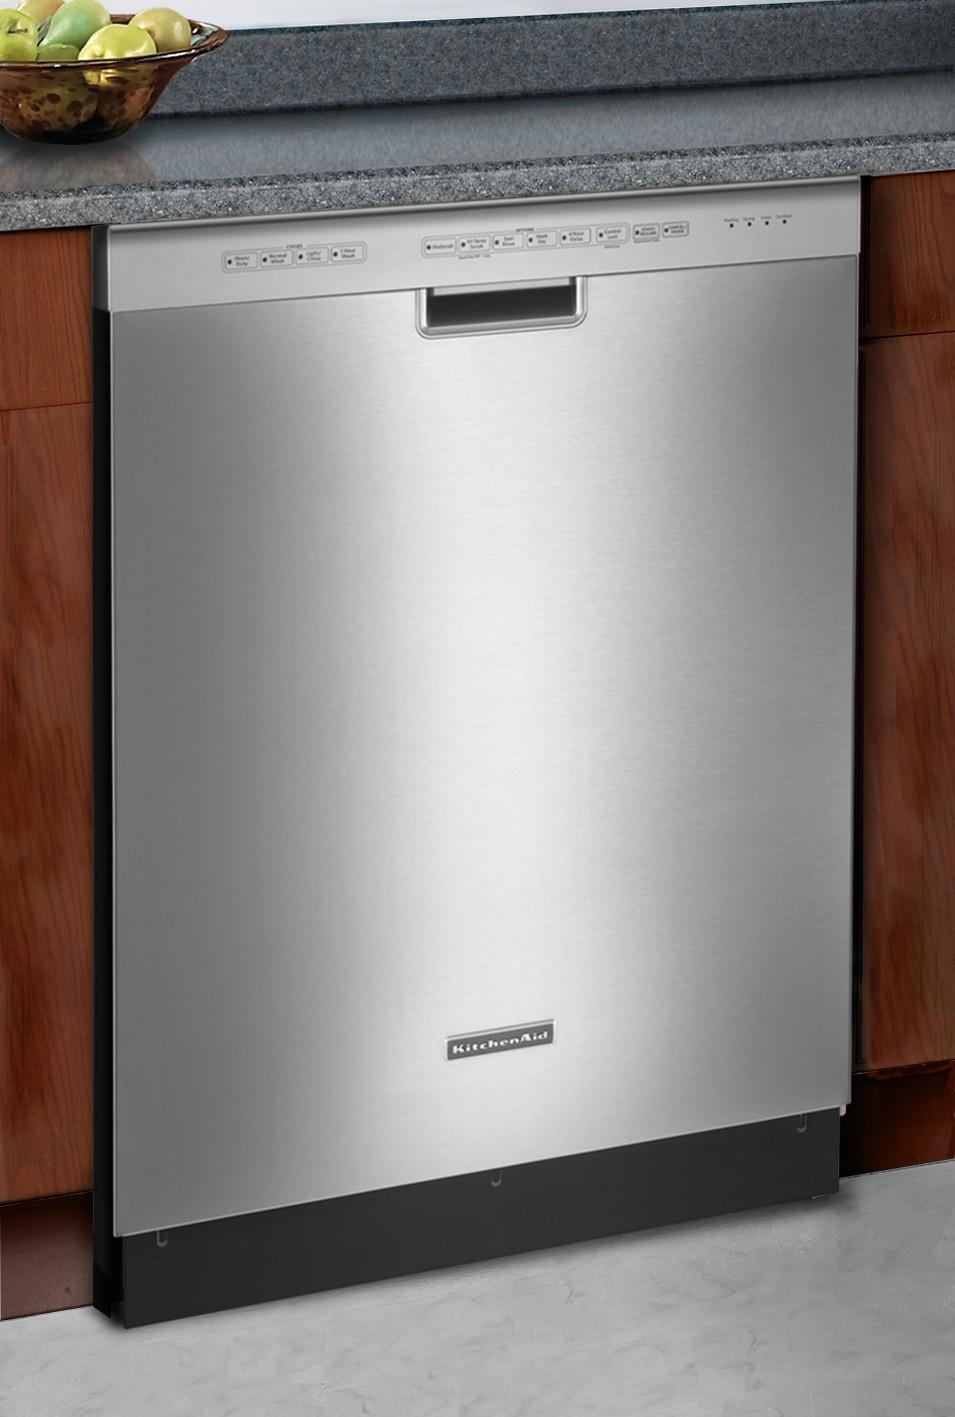 Kitchenaid Kuds30ixbl Full Console Dishwasher With 4 Wash